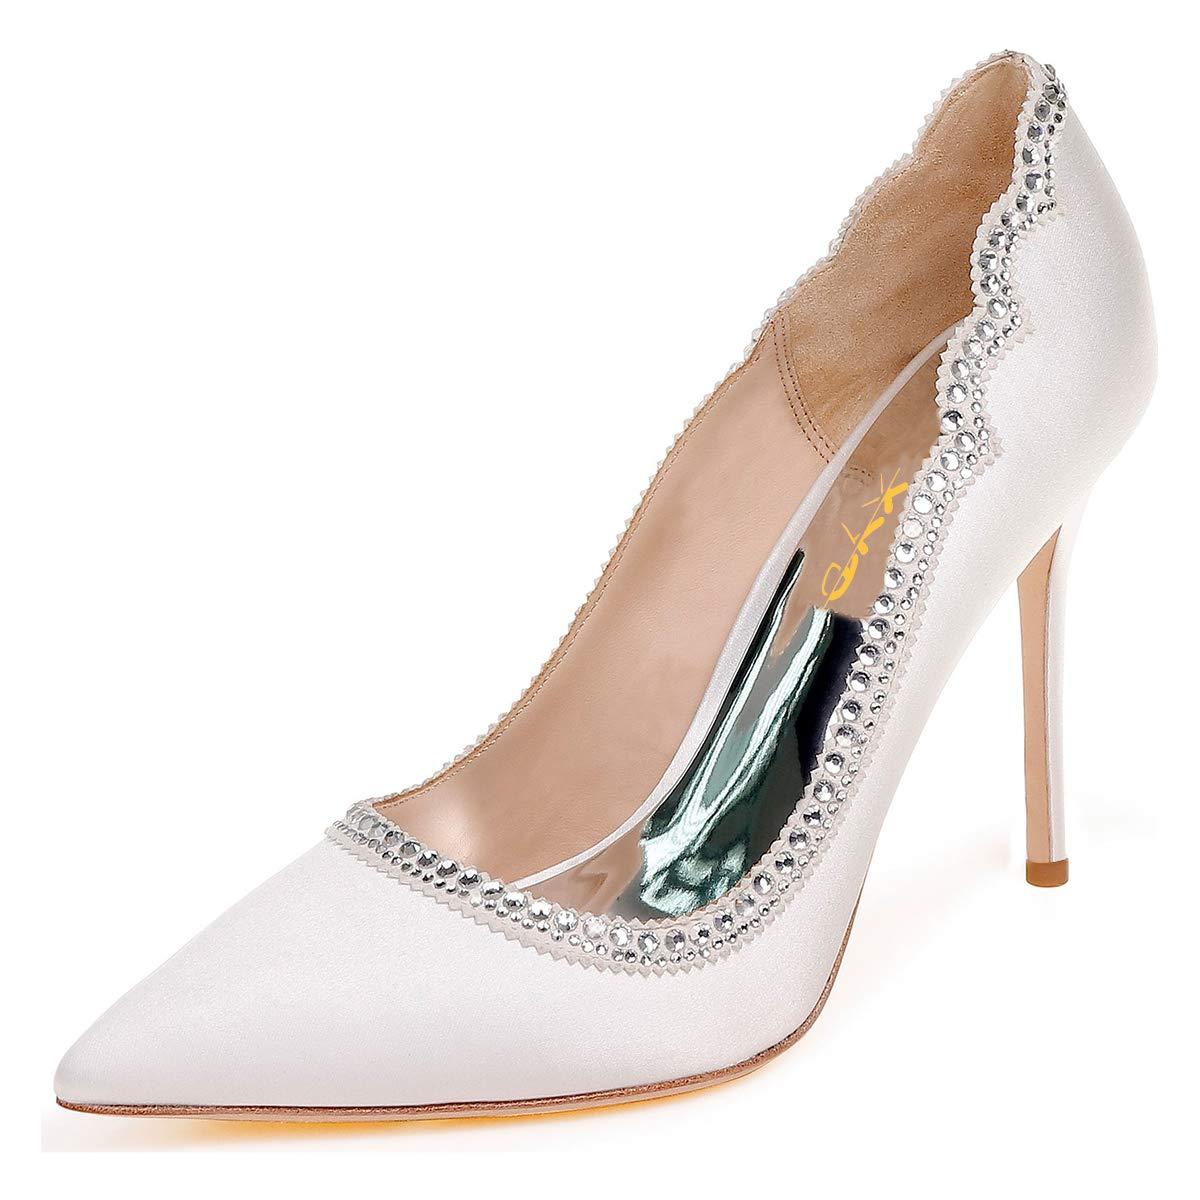 897ddf0b66 Amazon.com | XYD Women Graceful Crystal Studs Pointed Toe Wedding ...